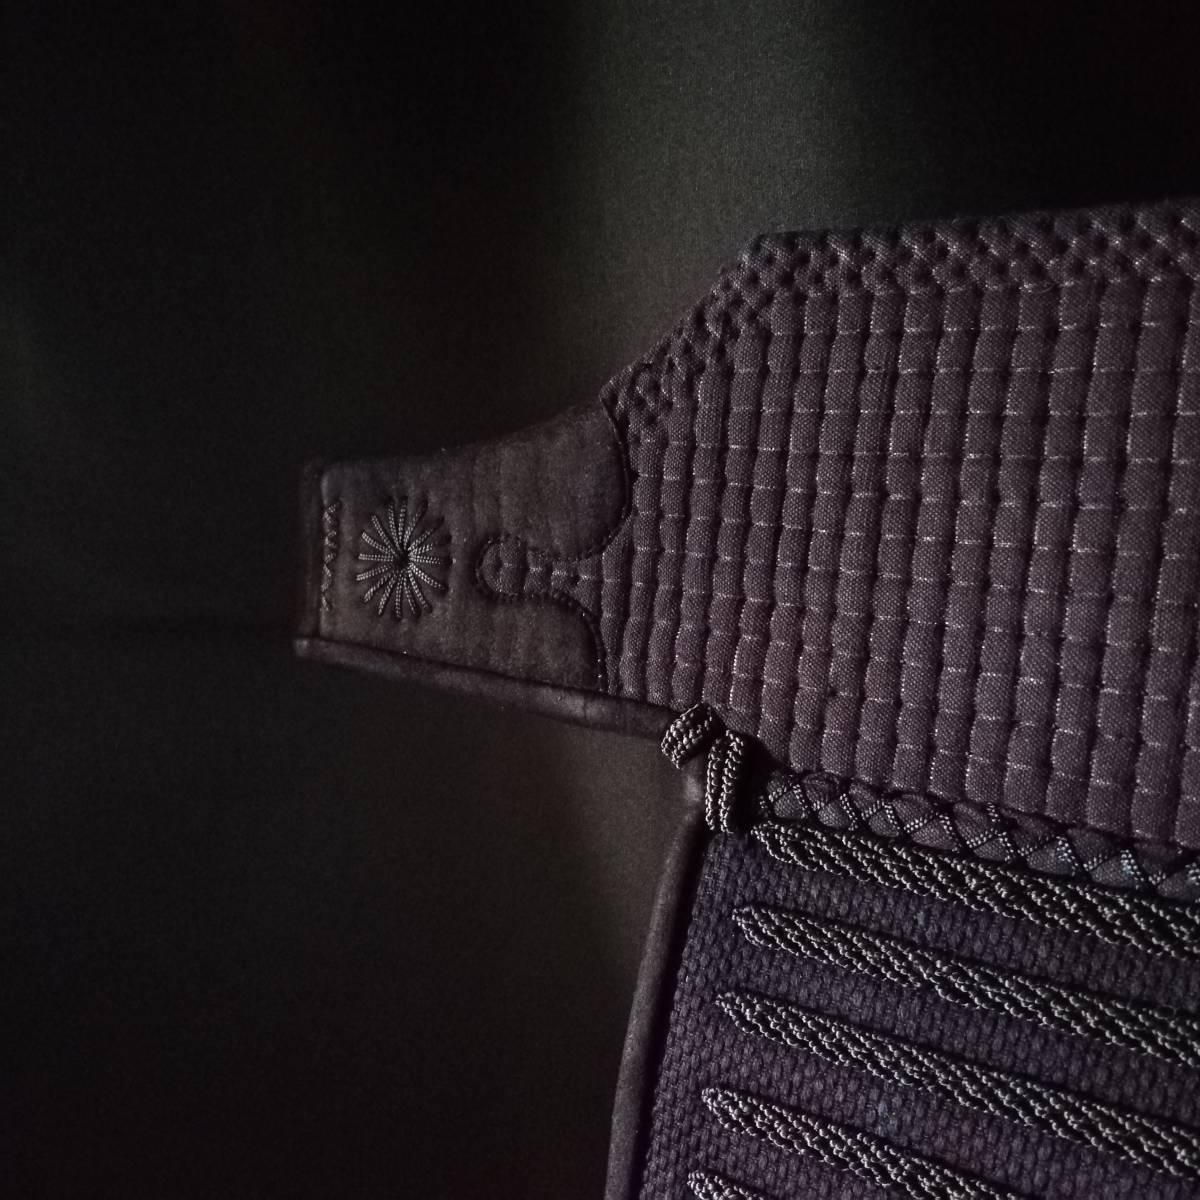 月産限定10セット オーダーメイド織刺2.5分手刺セット 選べる内輪素材 布団の長さ幅もお好みで 子供用可 _画像7